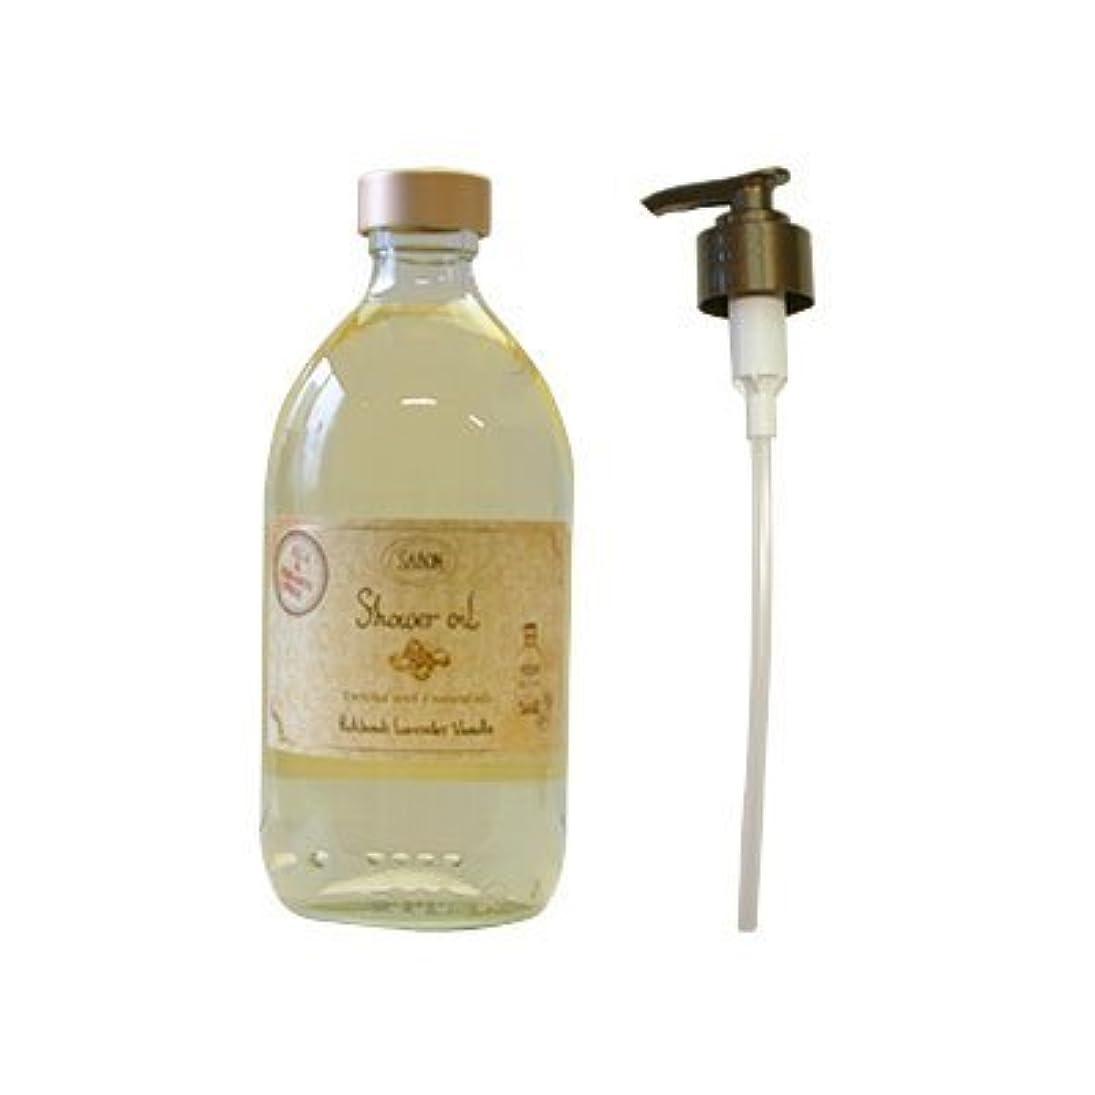 途方もないの量スツールサボン(SABON) シャワーオイル パチュリラベンダーバニラ 500ml[並行輸入品]